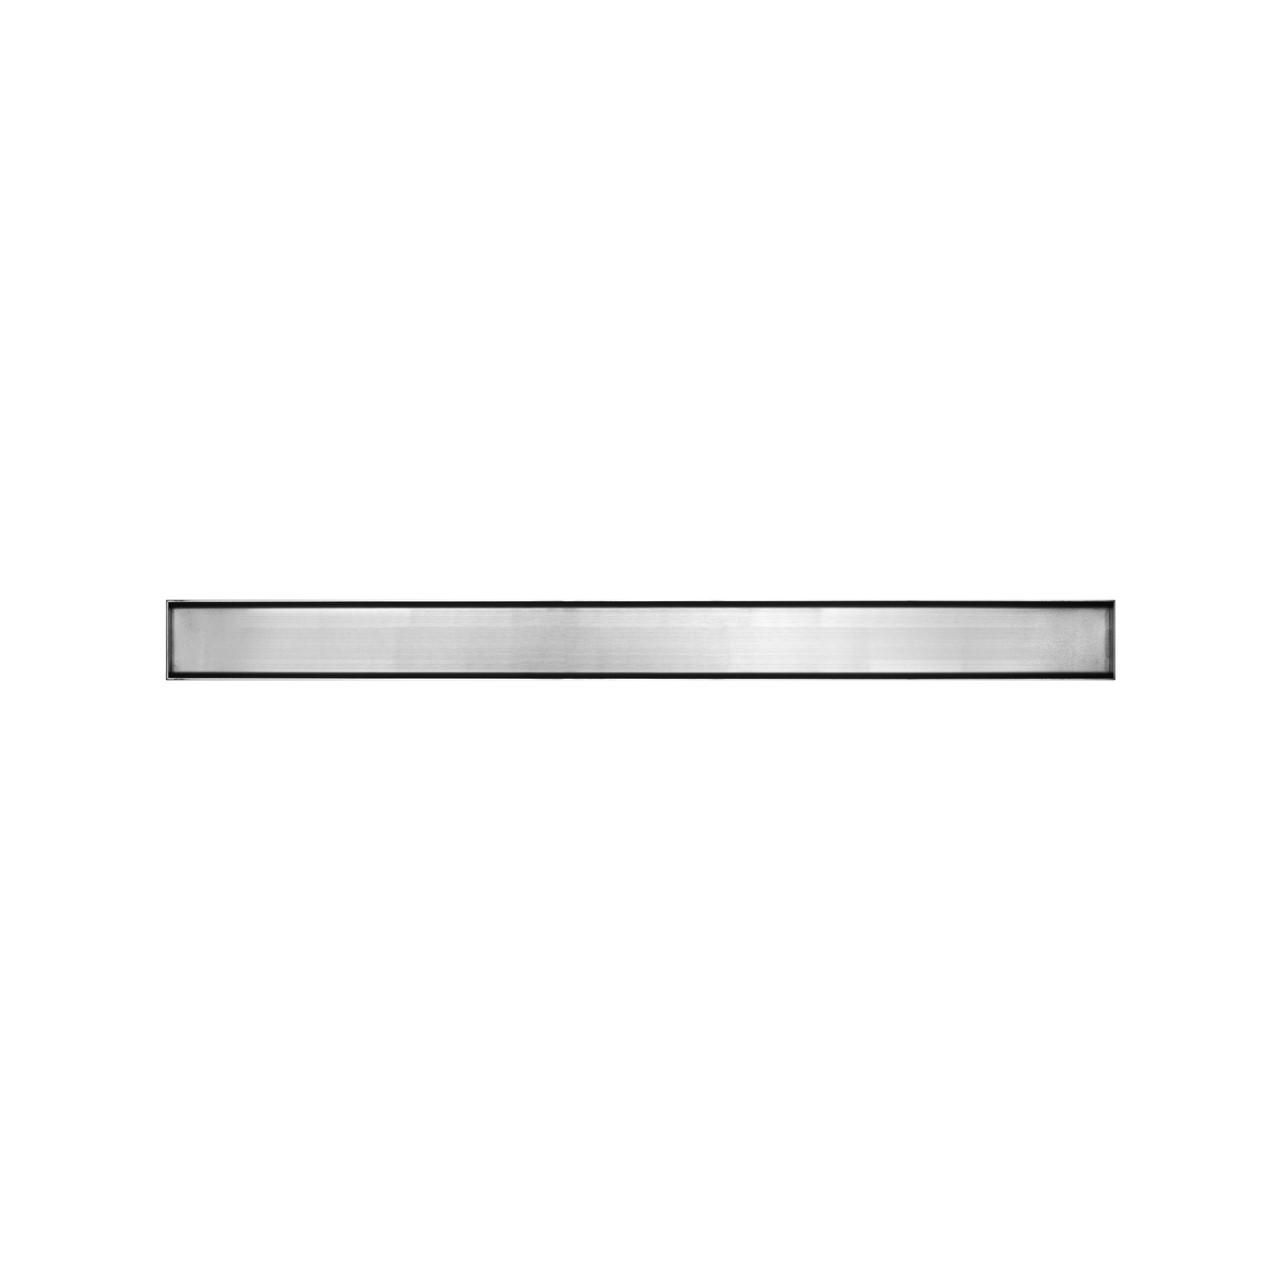 """Трап для душа Inox Style из нержавеющей стали 885 мм с решеткой """"Под натуральный камень"""" L88510"""